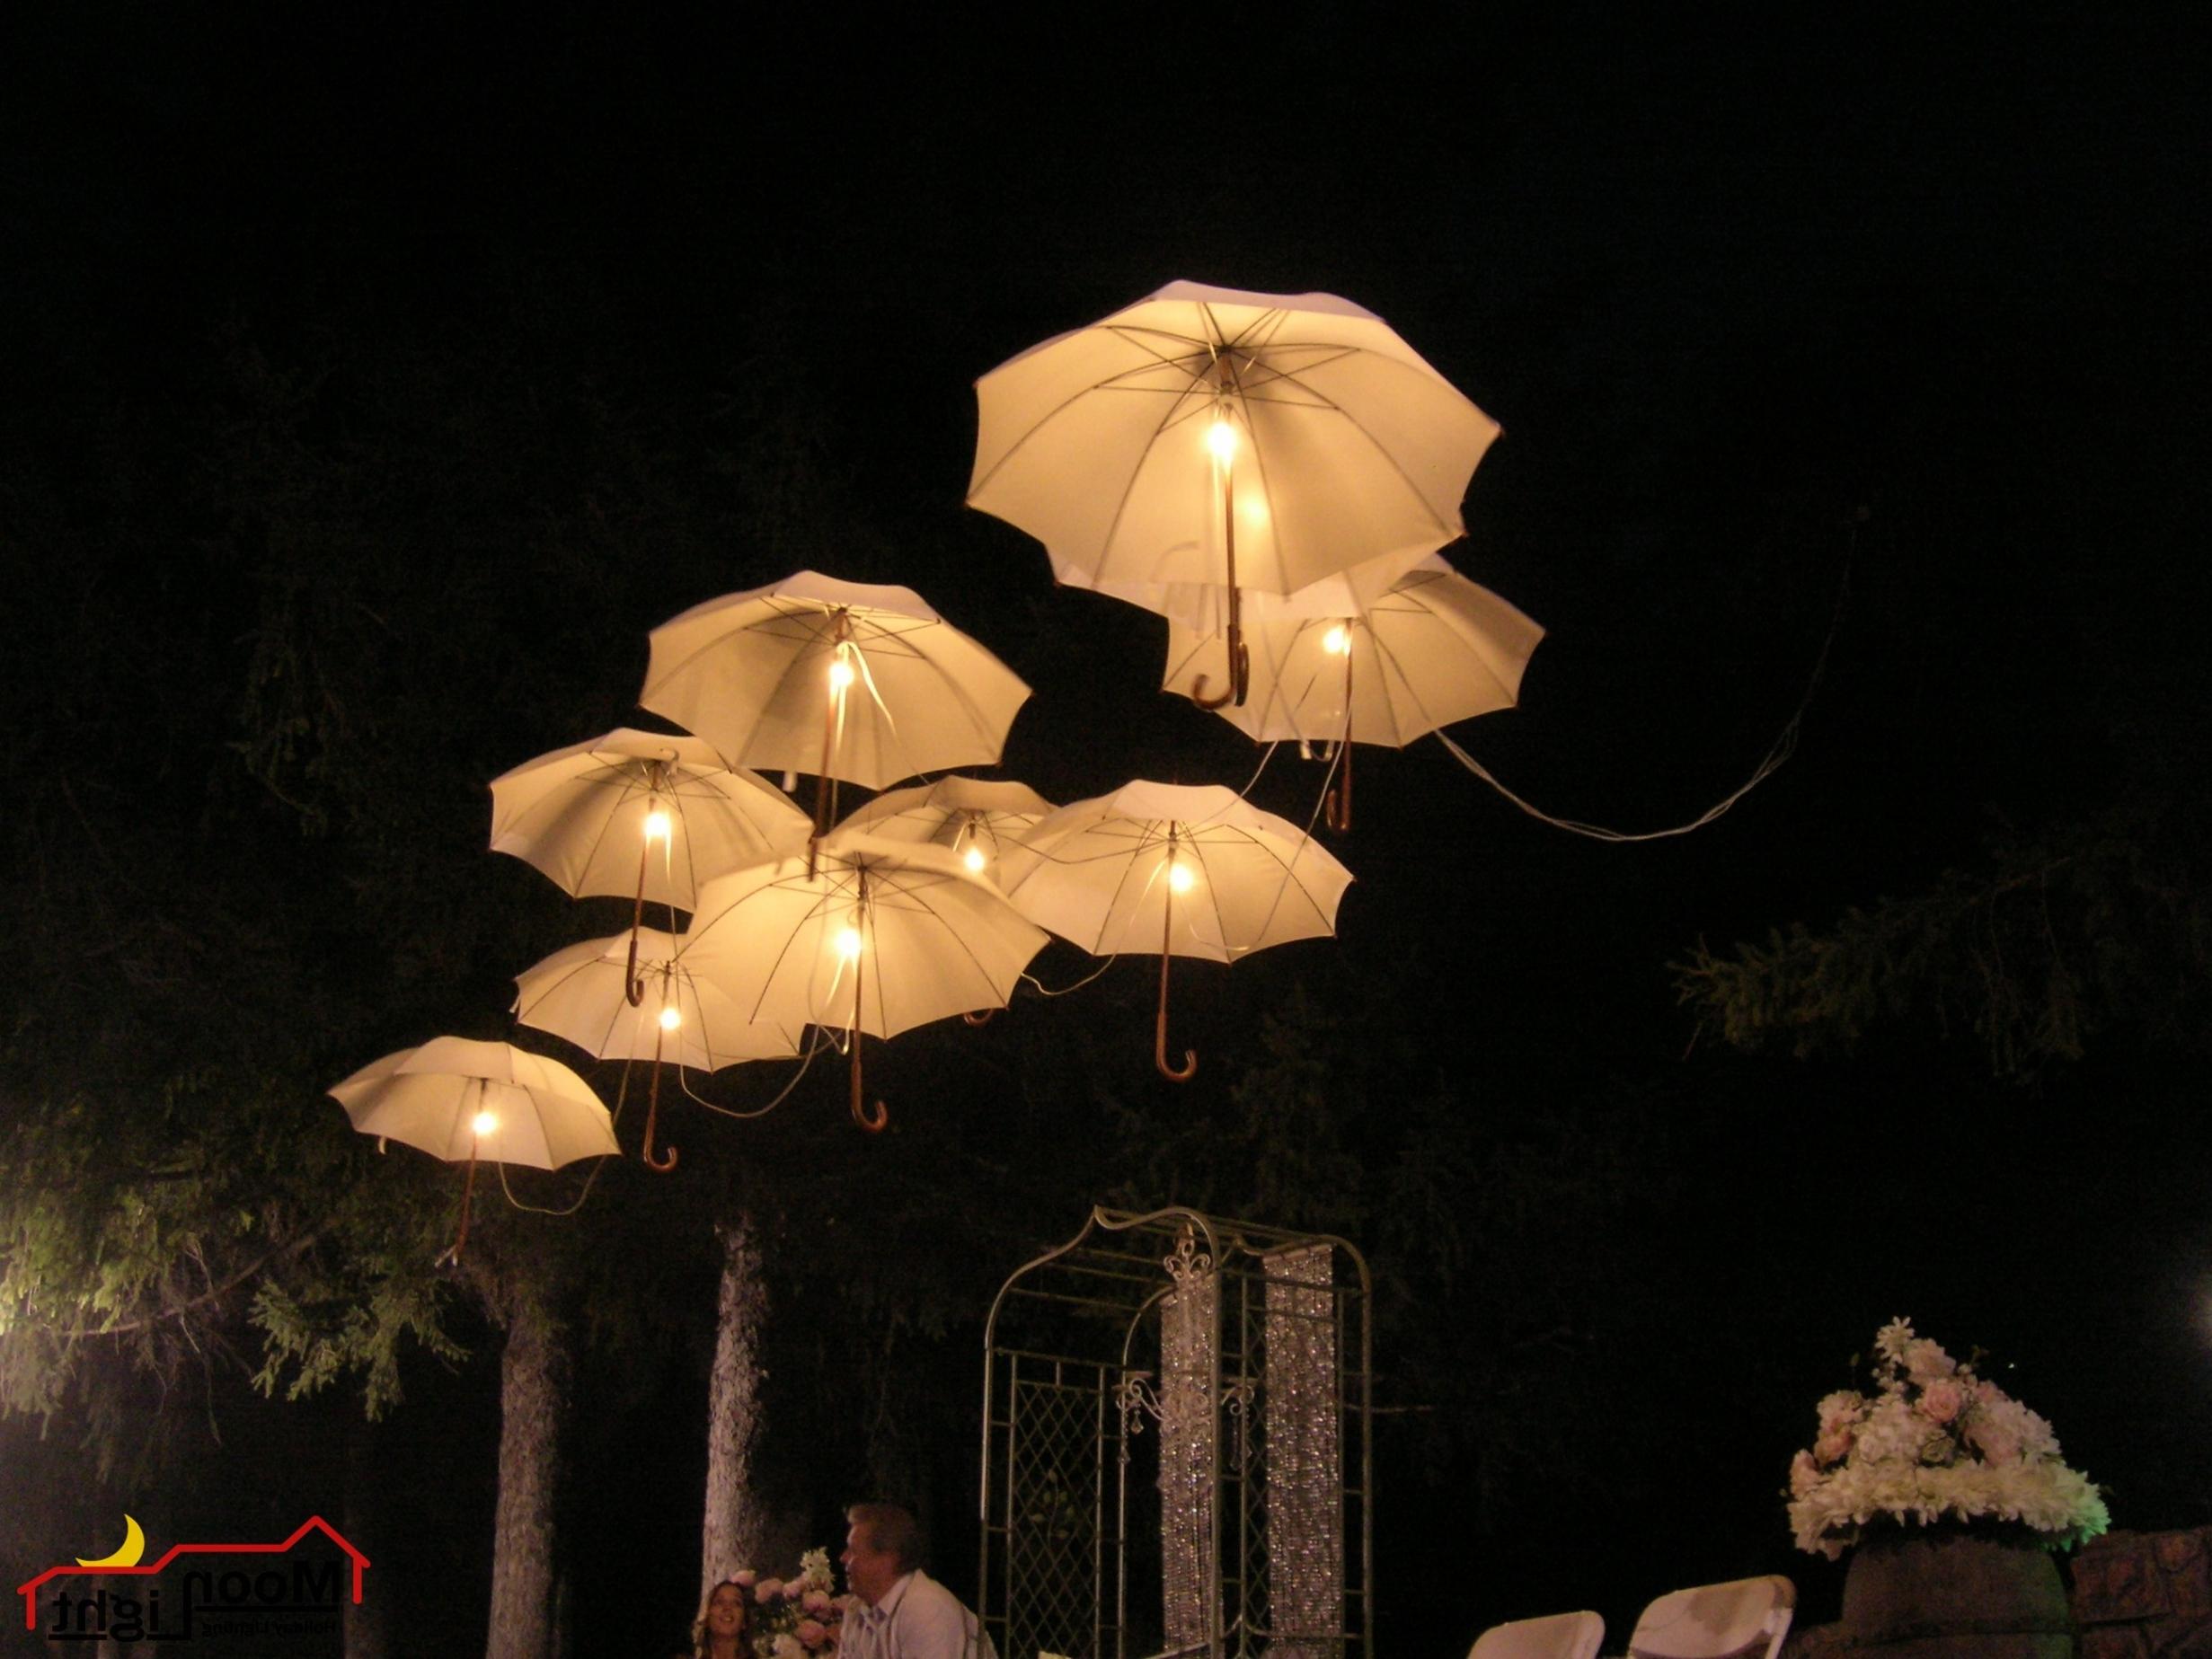 Umbrella Lamp Chandelier Throughout Wonderful Lamp Chandelier With An Umbrella